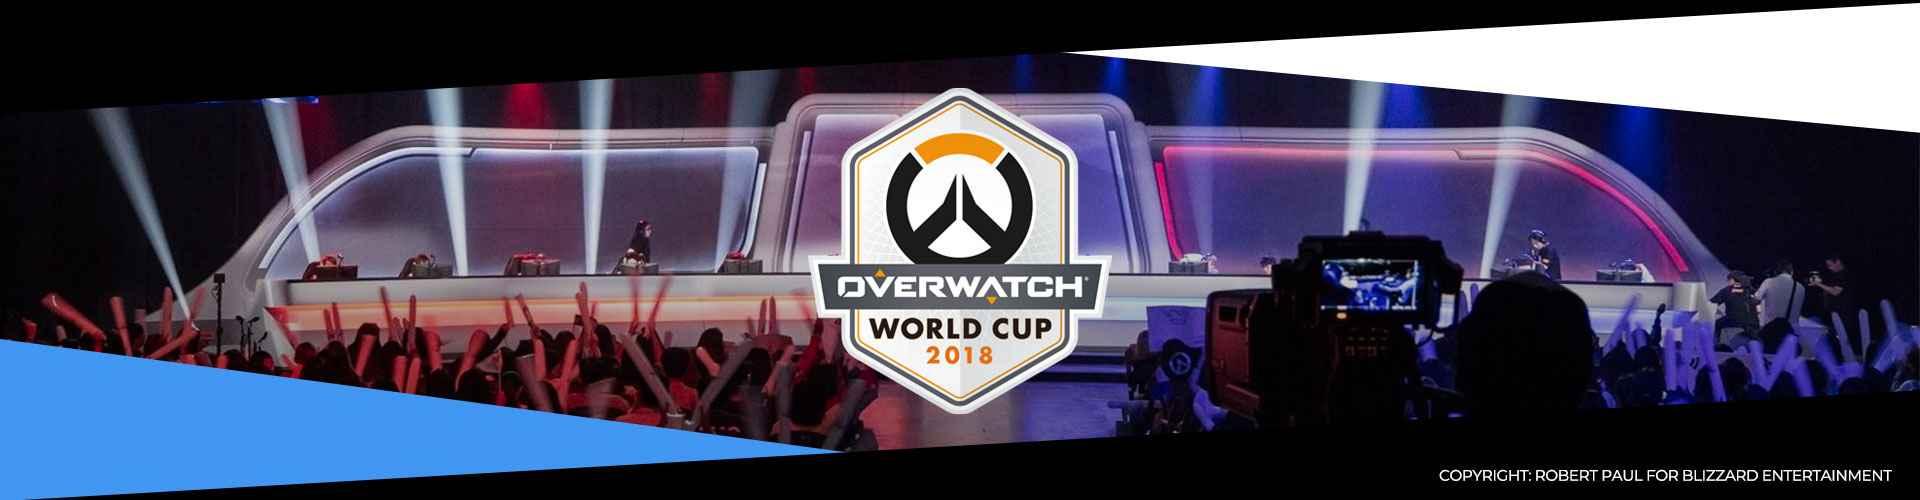 Overwatch maailmanmestaruuskilpailut 2018